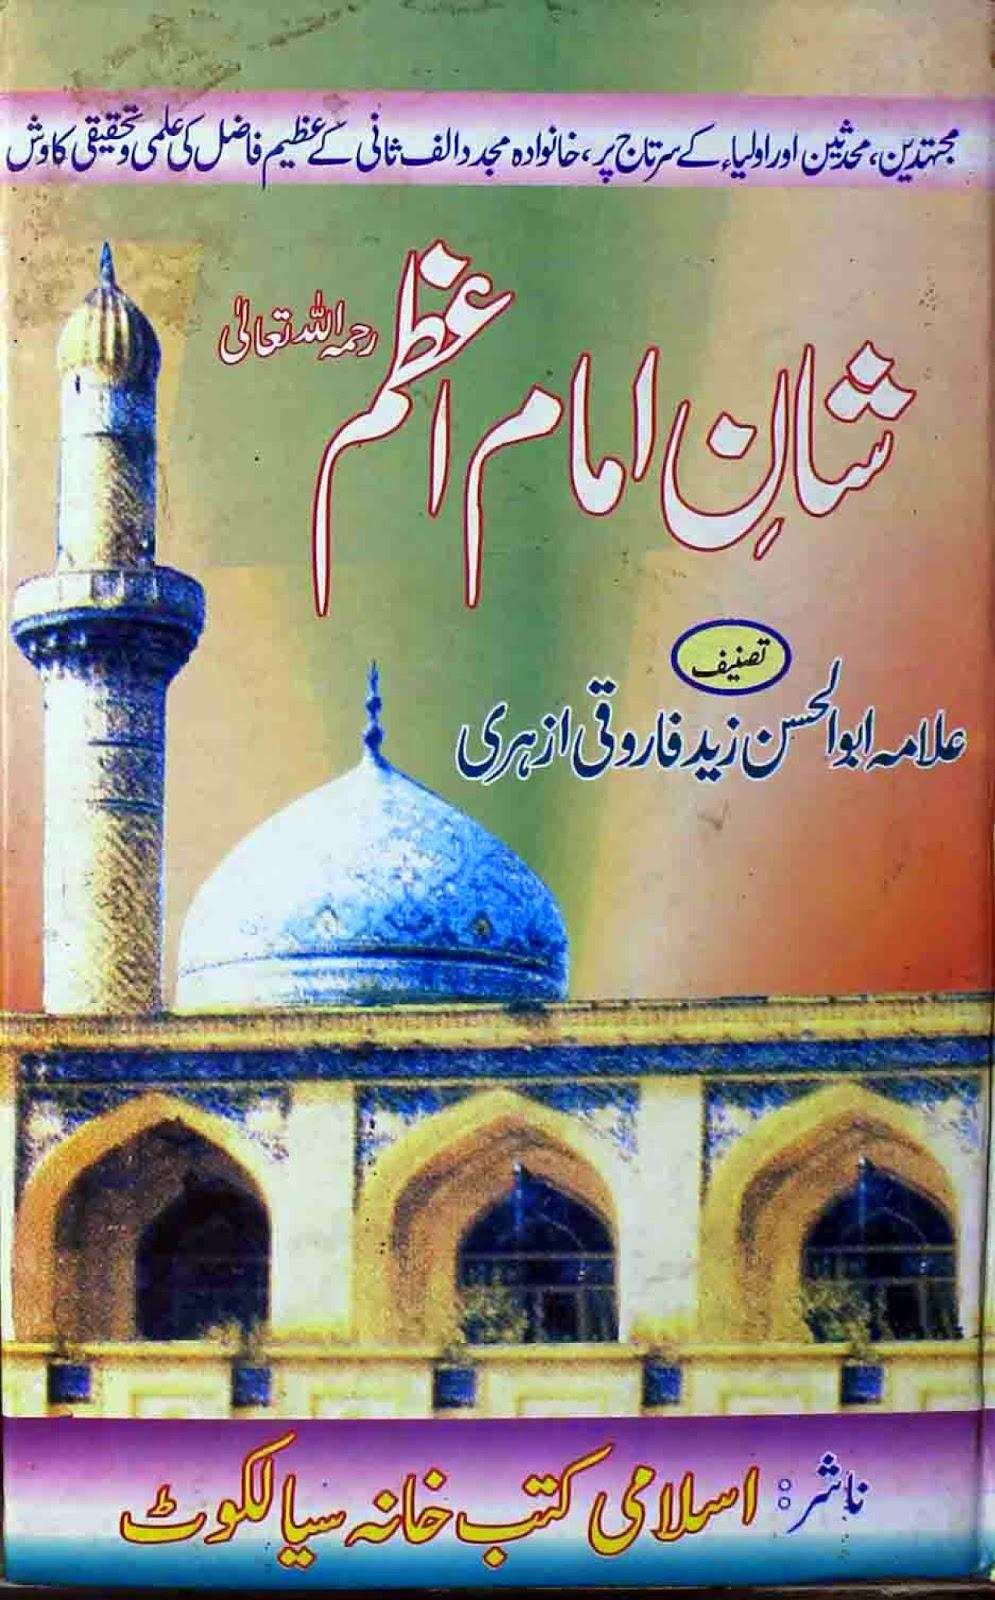 http://www.mediafire.com/view/dxu58rkh94964ct/Imam_Azam.pdf